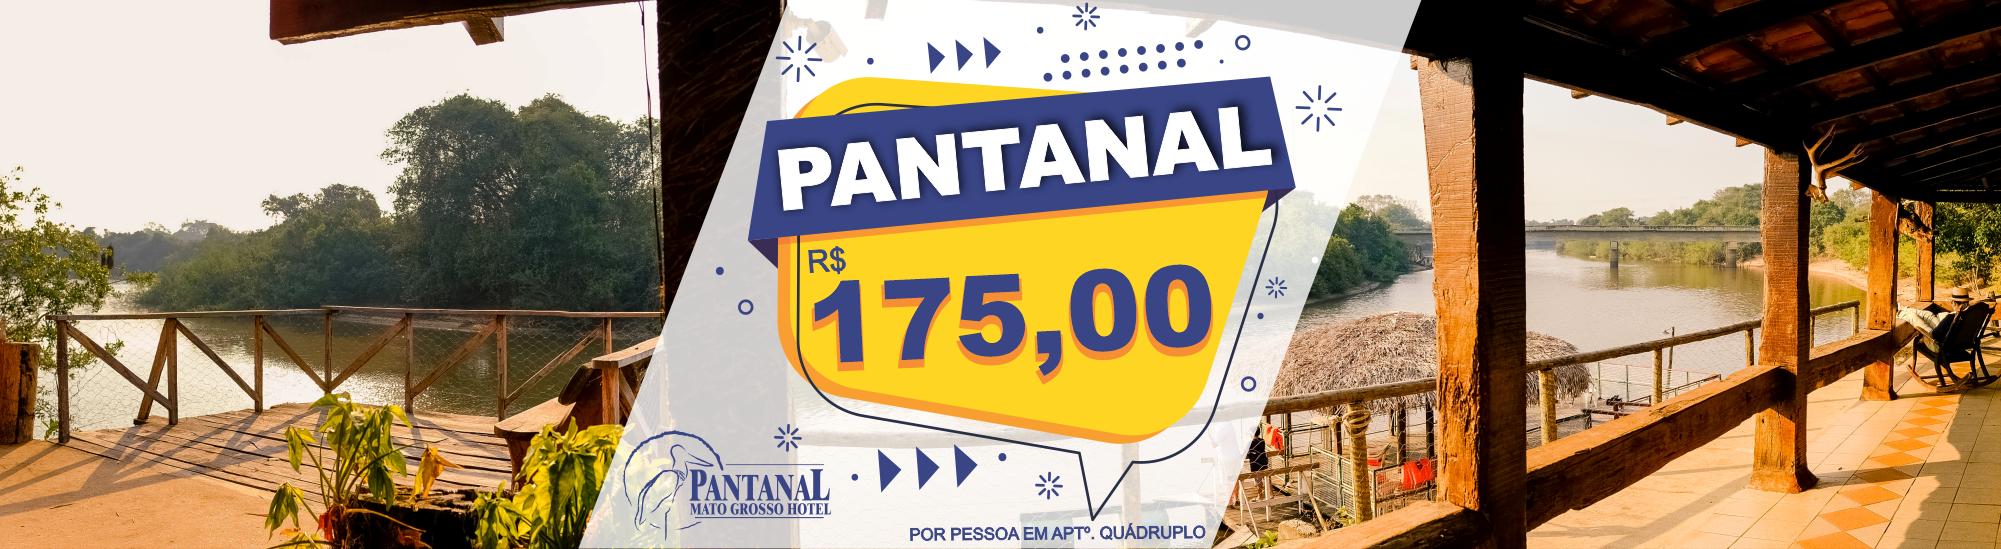 Promoção Pantanal